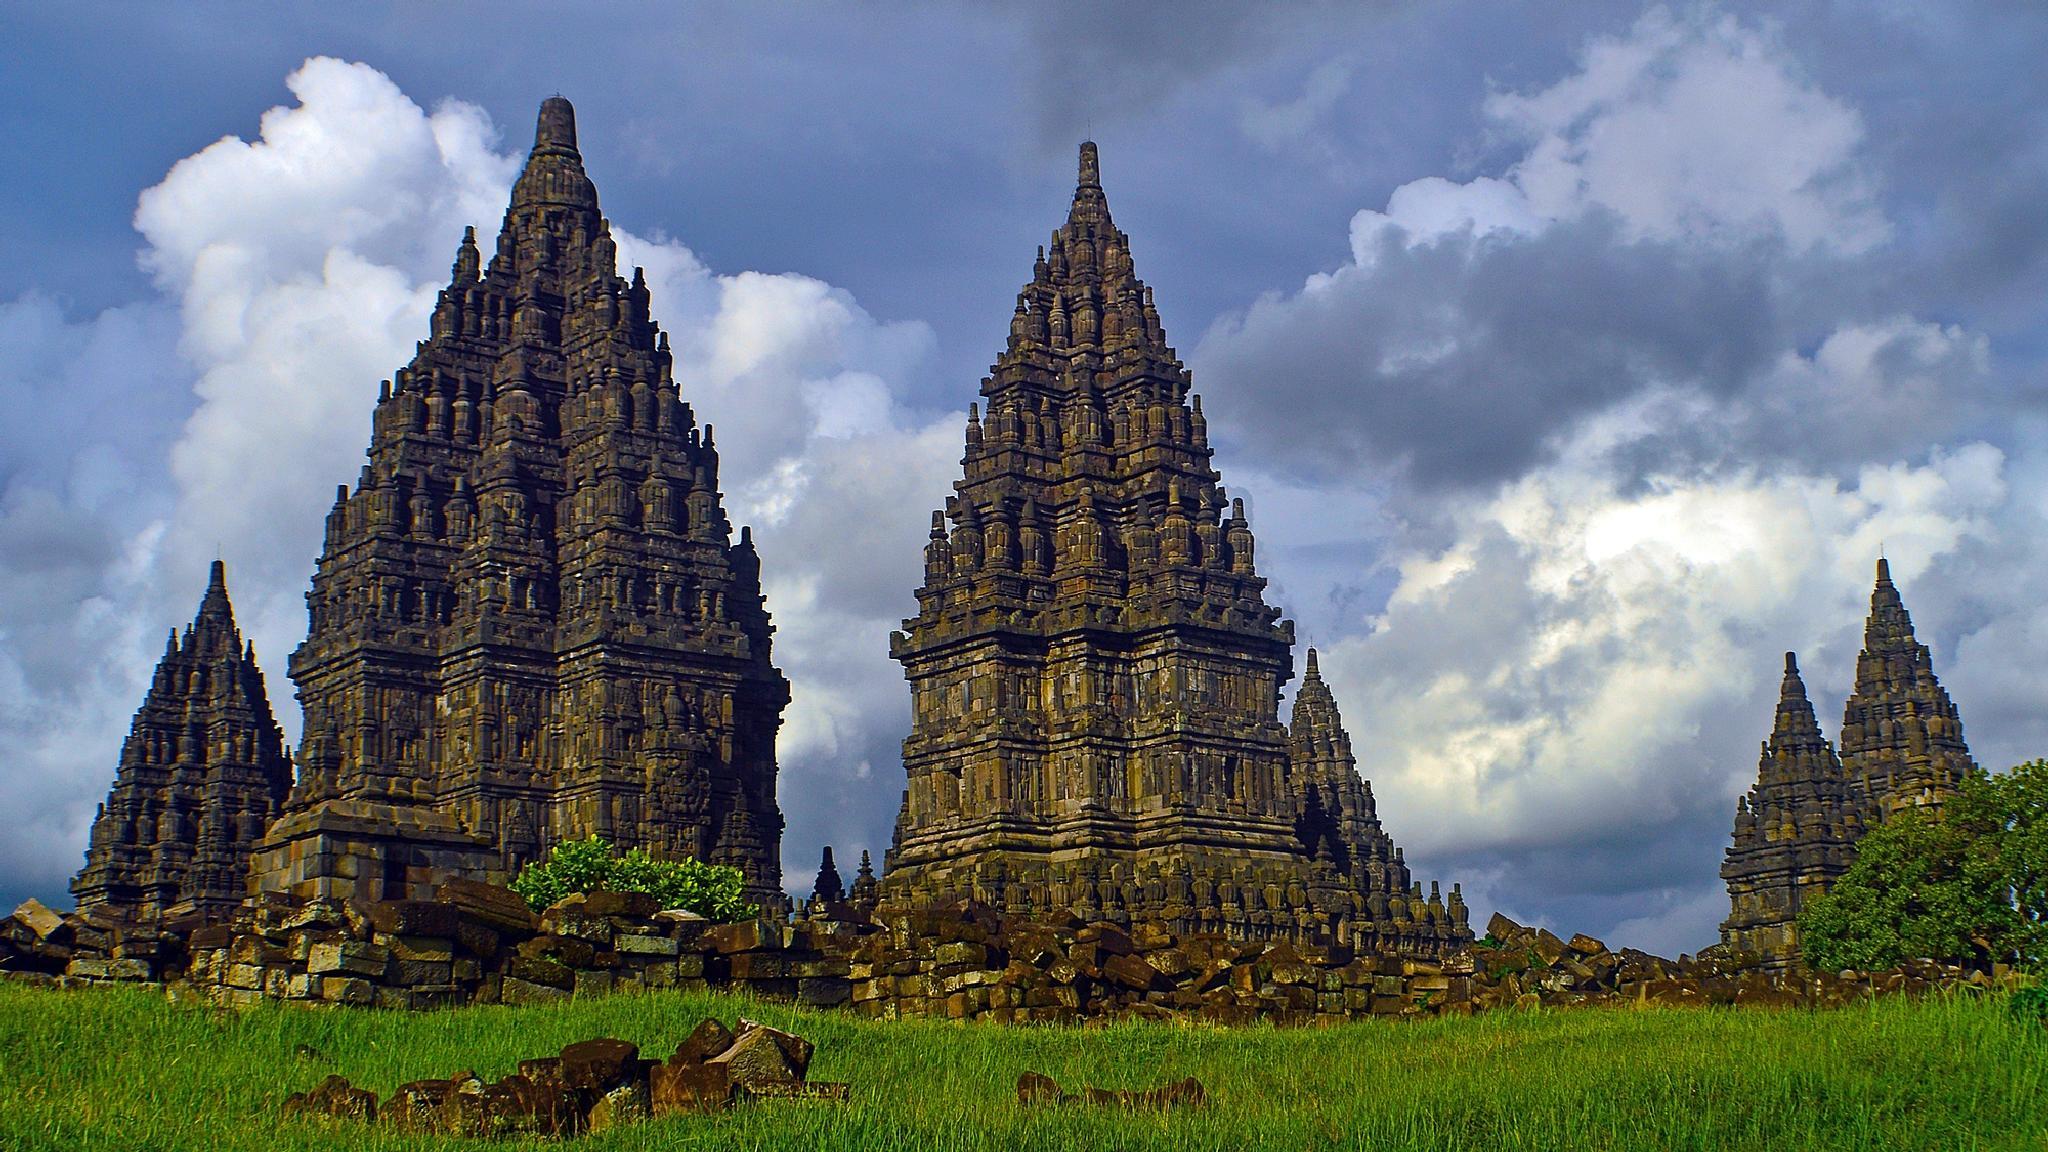 Prambanan temple by Sigit Purnomo